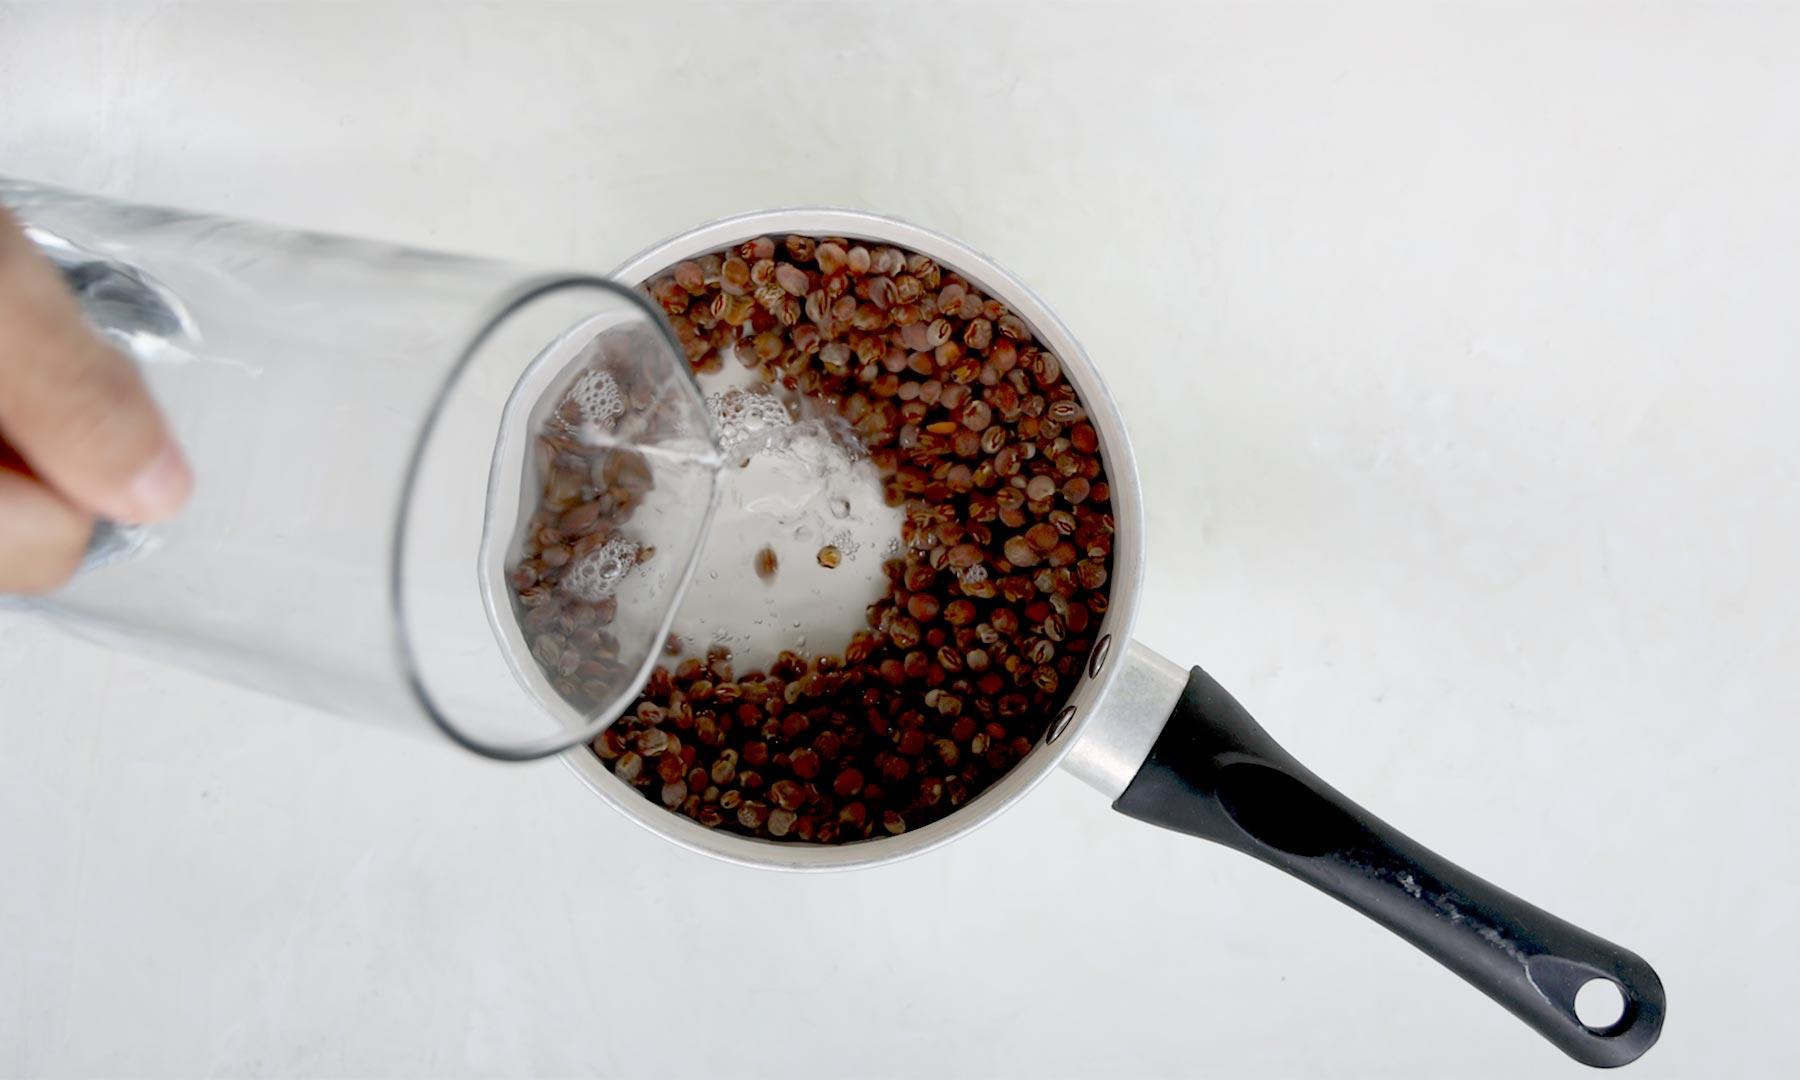 Agregando agua a la olla con guandules